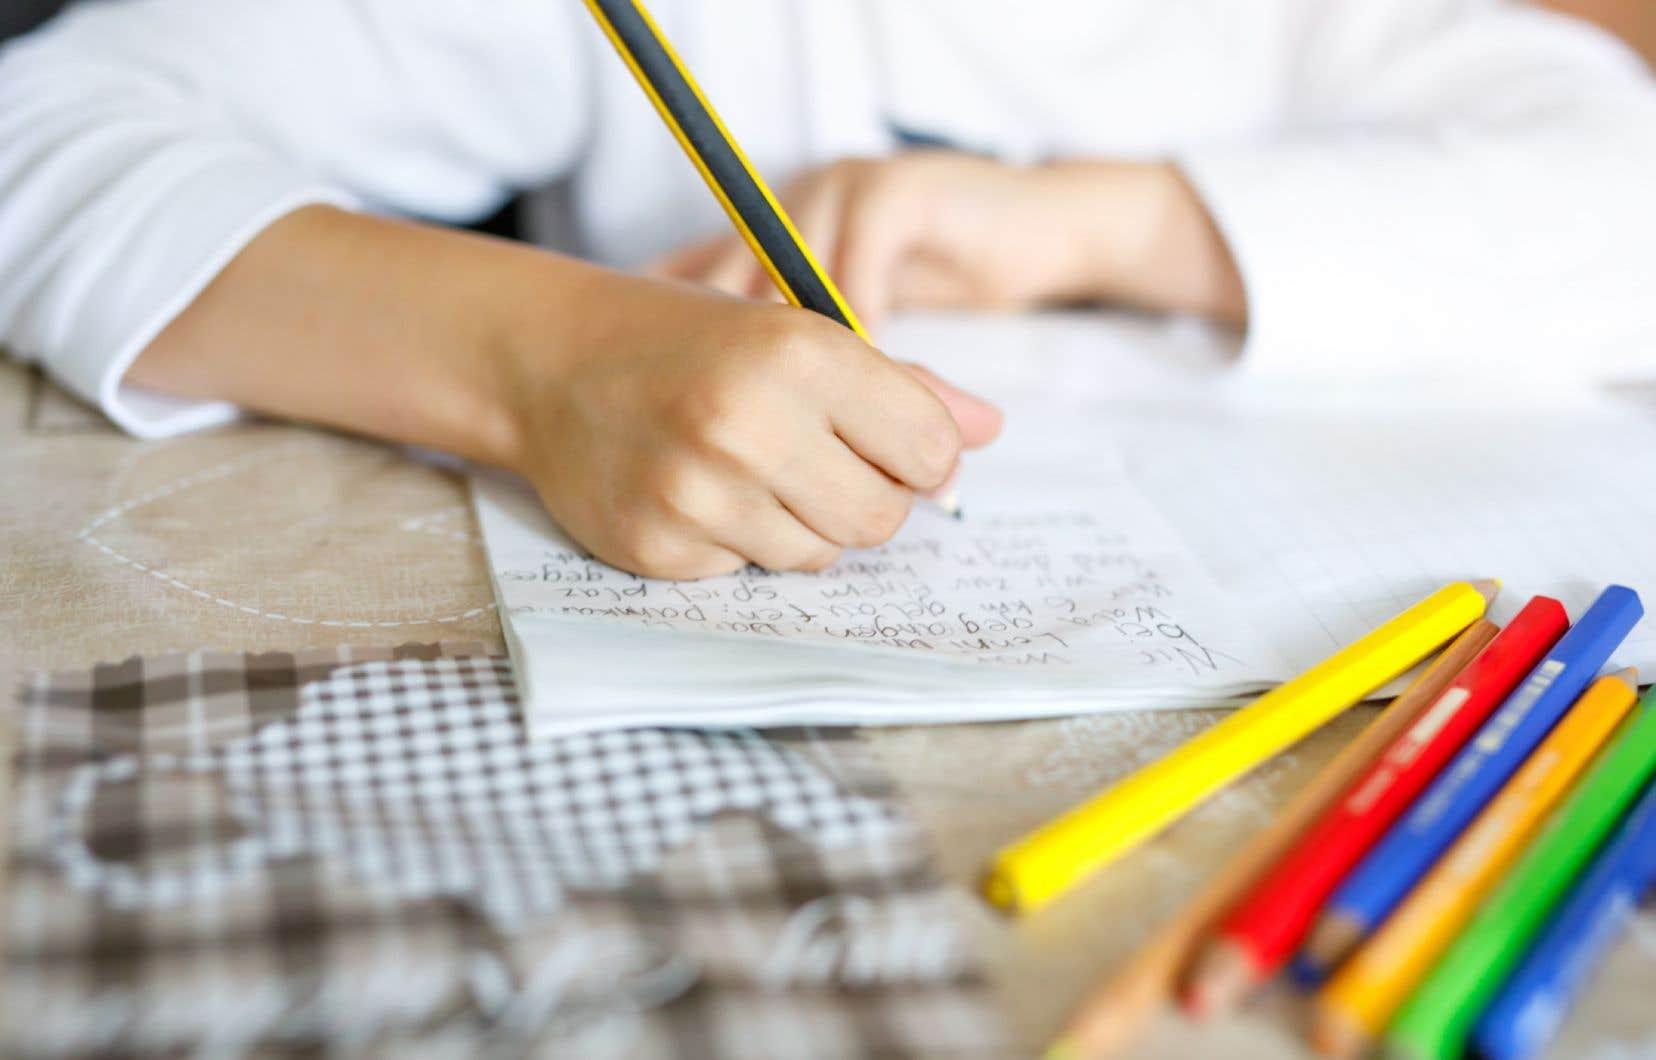 Il n'est pas obligatoire d'envoyer les petits à l'école, a précisé le premier ministre en annonçant son plan de réouverture des écoles primaires et des garderies.